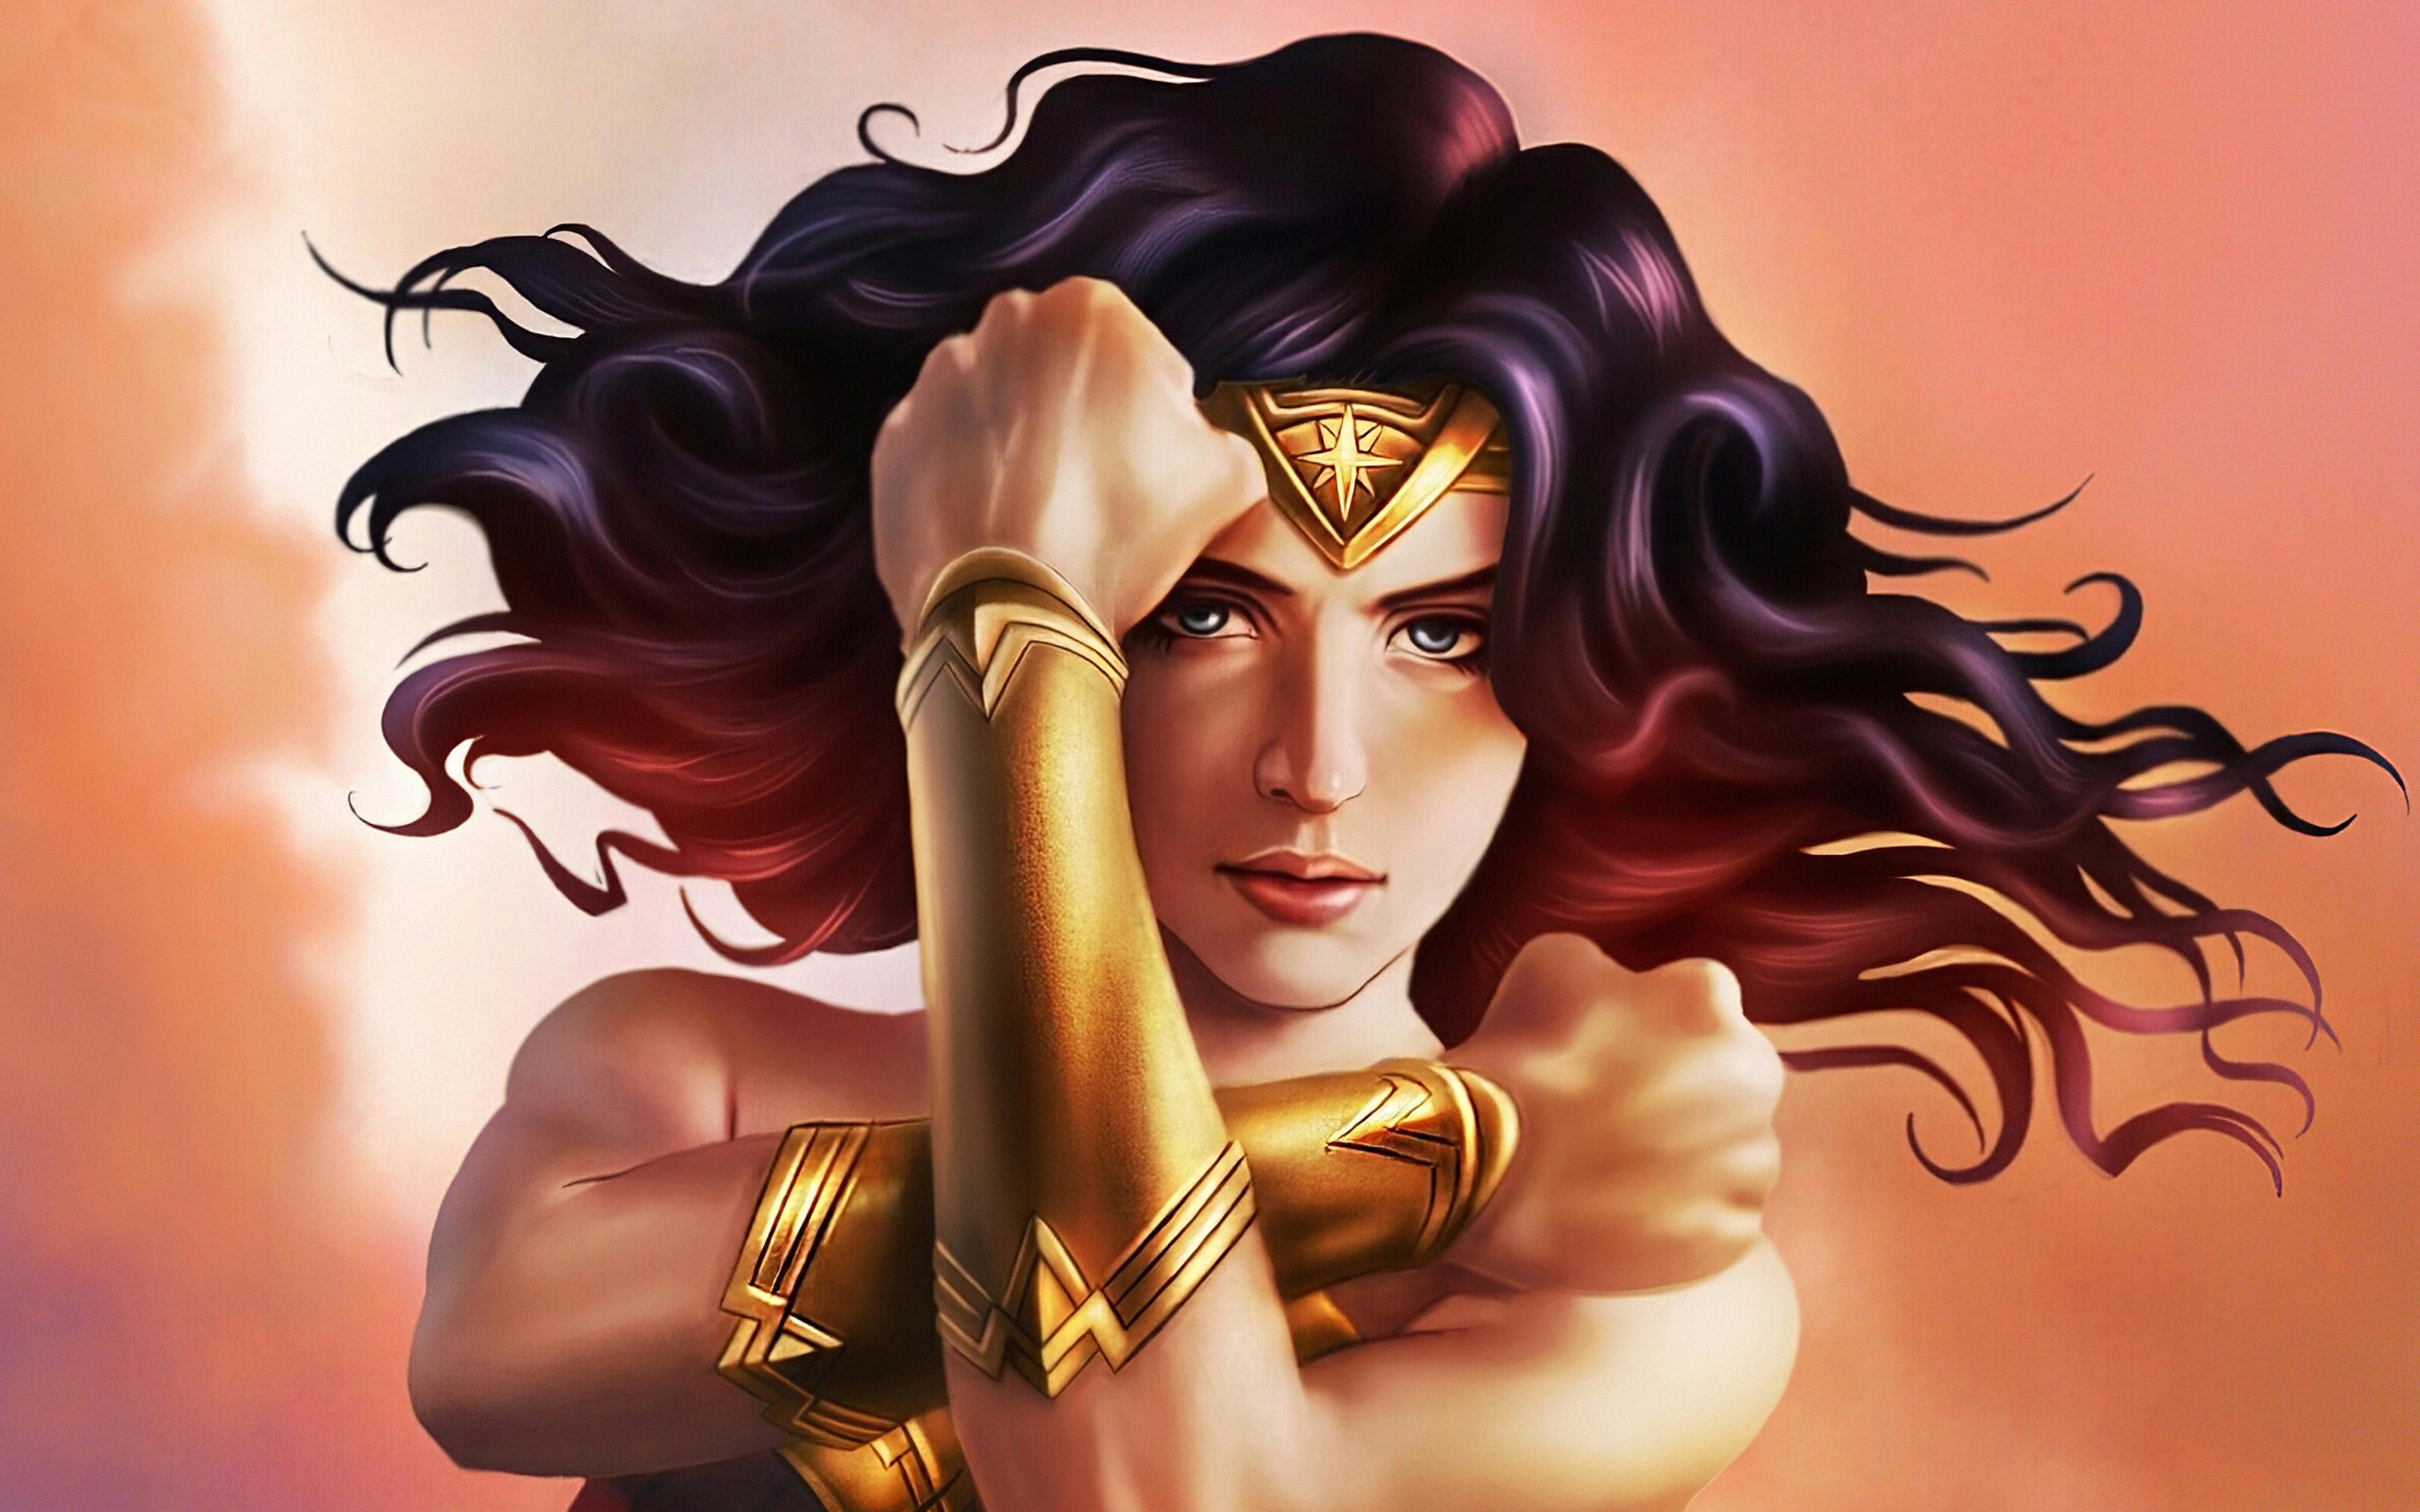 Wonder Woman Fanart Wallpaper 4k Ultra Hd Id4349